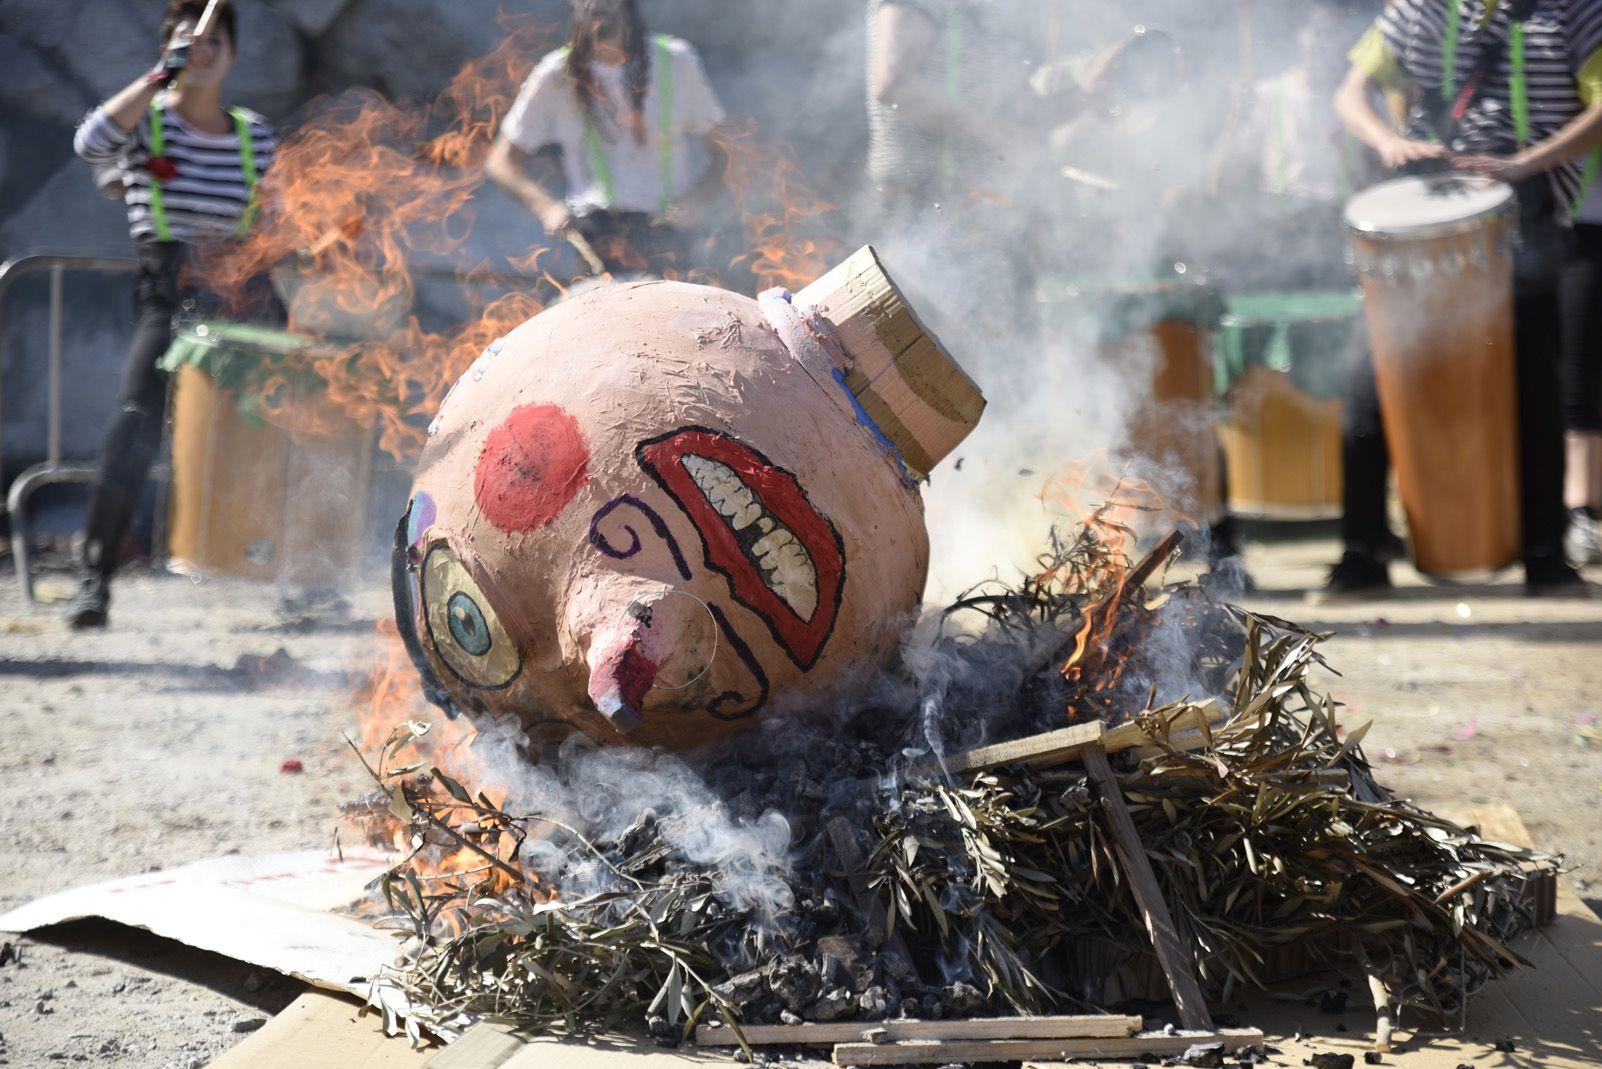 Judici del Rei Carnestoltes al Carnaval de Les Planes. Foto: Bernat Millet.